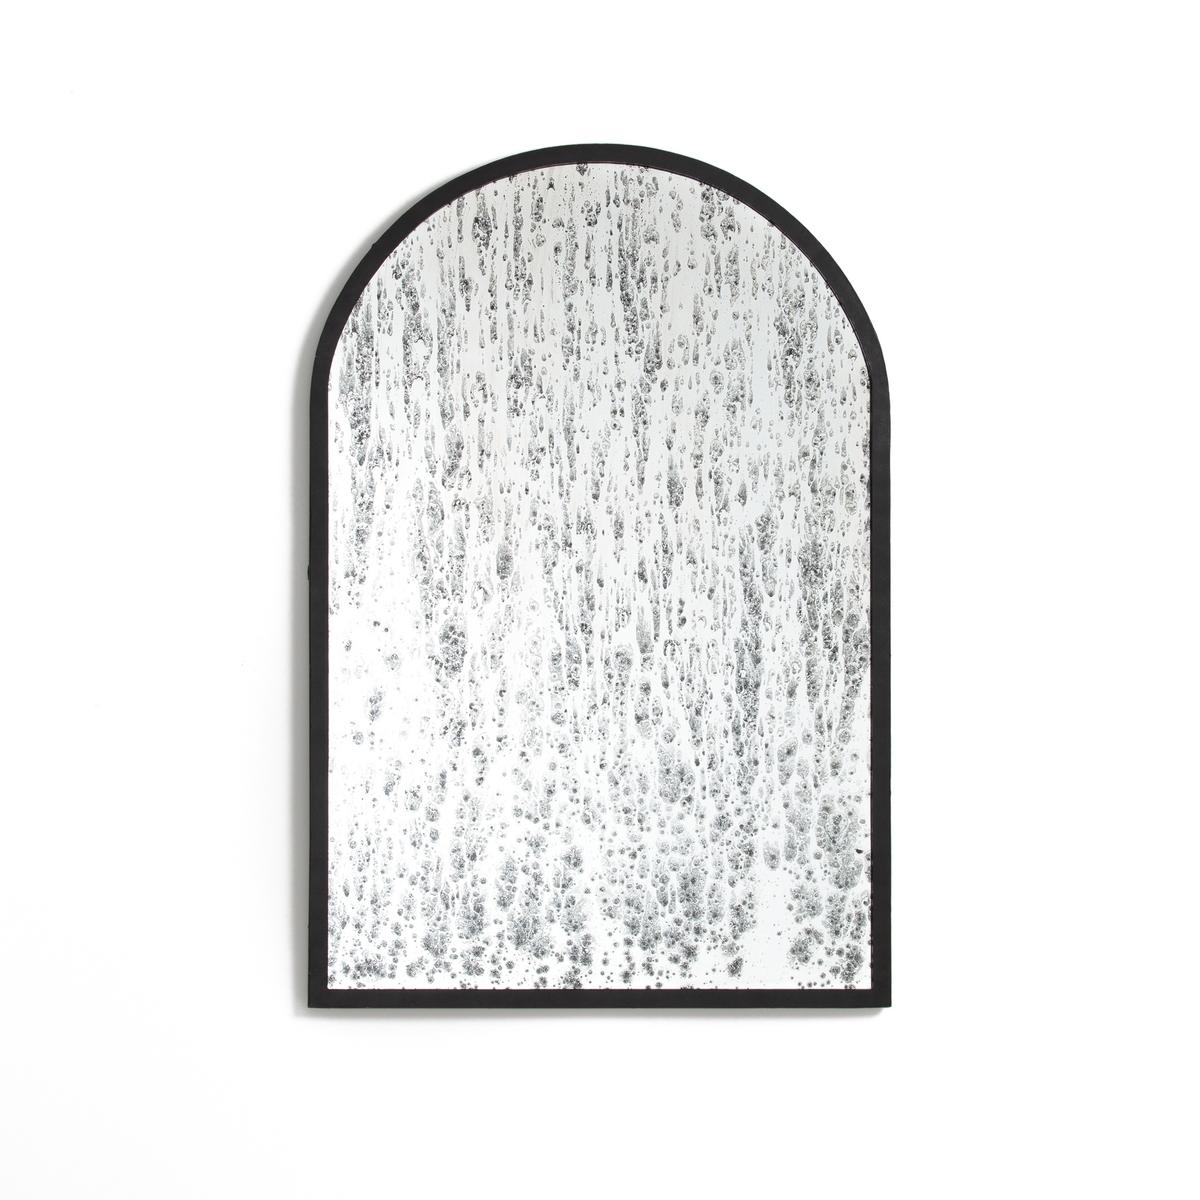 Зеркало, покрытое пятнами, металл LENAIGСтильное зеркало из современных материалов и с модной отделкой.Характеристики зеркала :Каркас зеркала из металла с черным эпоксидным покрытием, эффект темных пятен.2 пластины для крепления к стене, шурупы и дюбели в комплект не входятРазмеры зеркала : Разм: 110 x 75 смRetrouvez toute la collection d?co sur laredoute.ru<br><br>Цвет: черный<br>Размер: единый размер